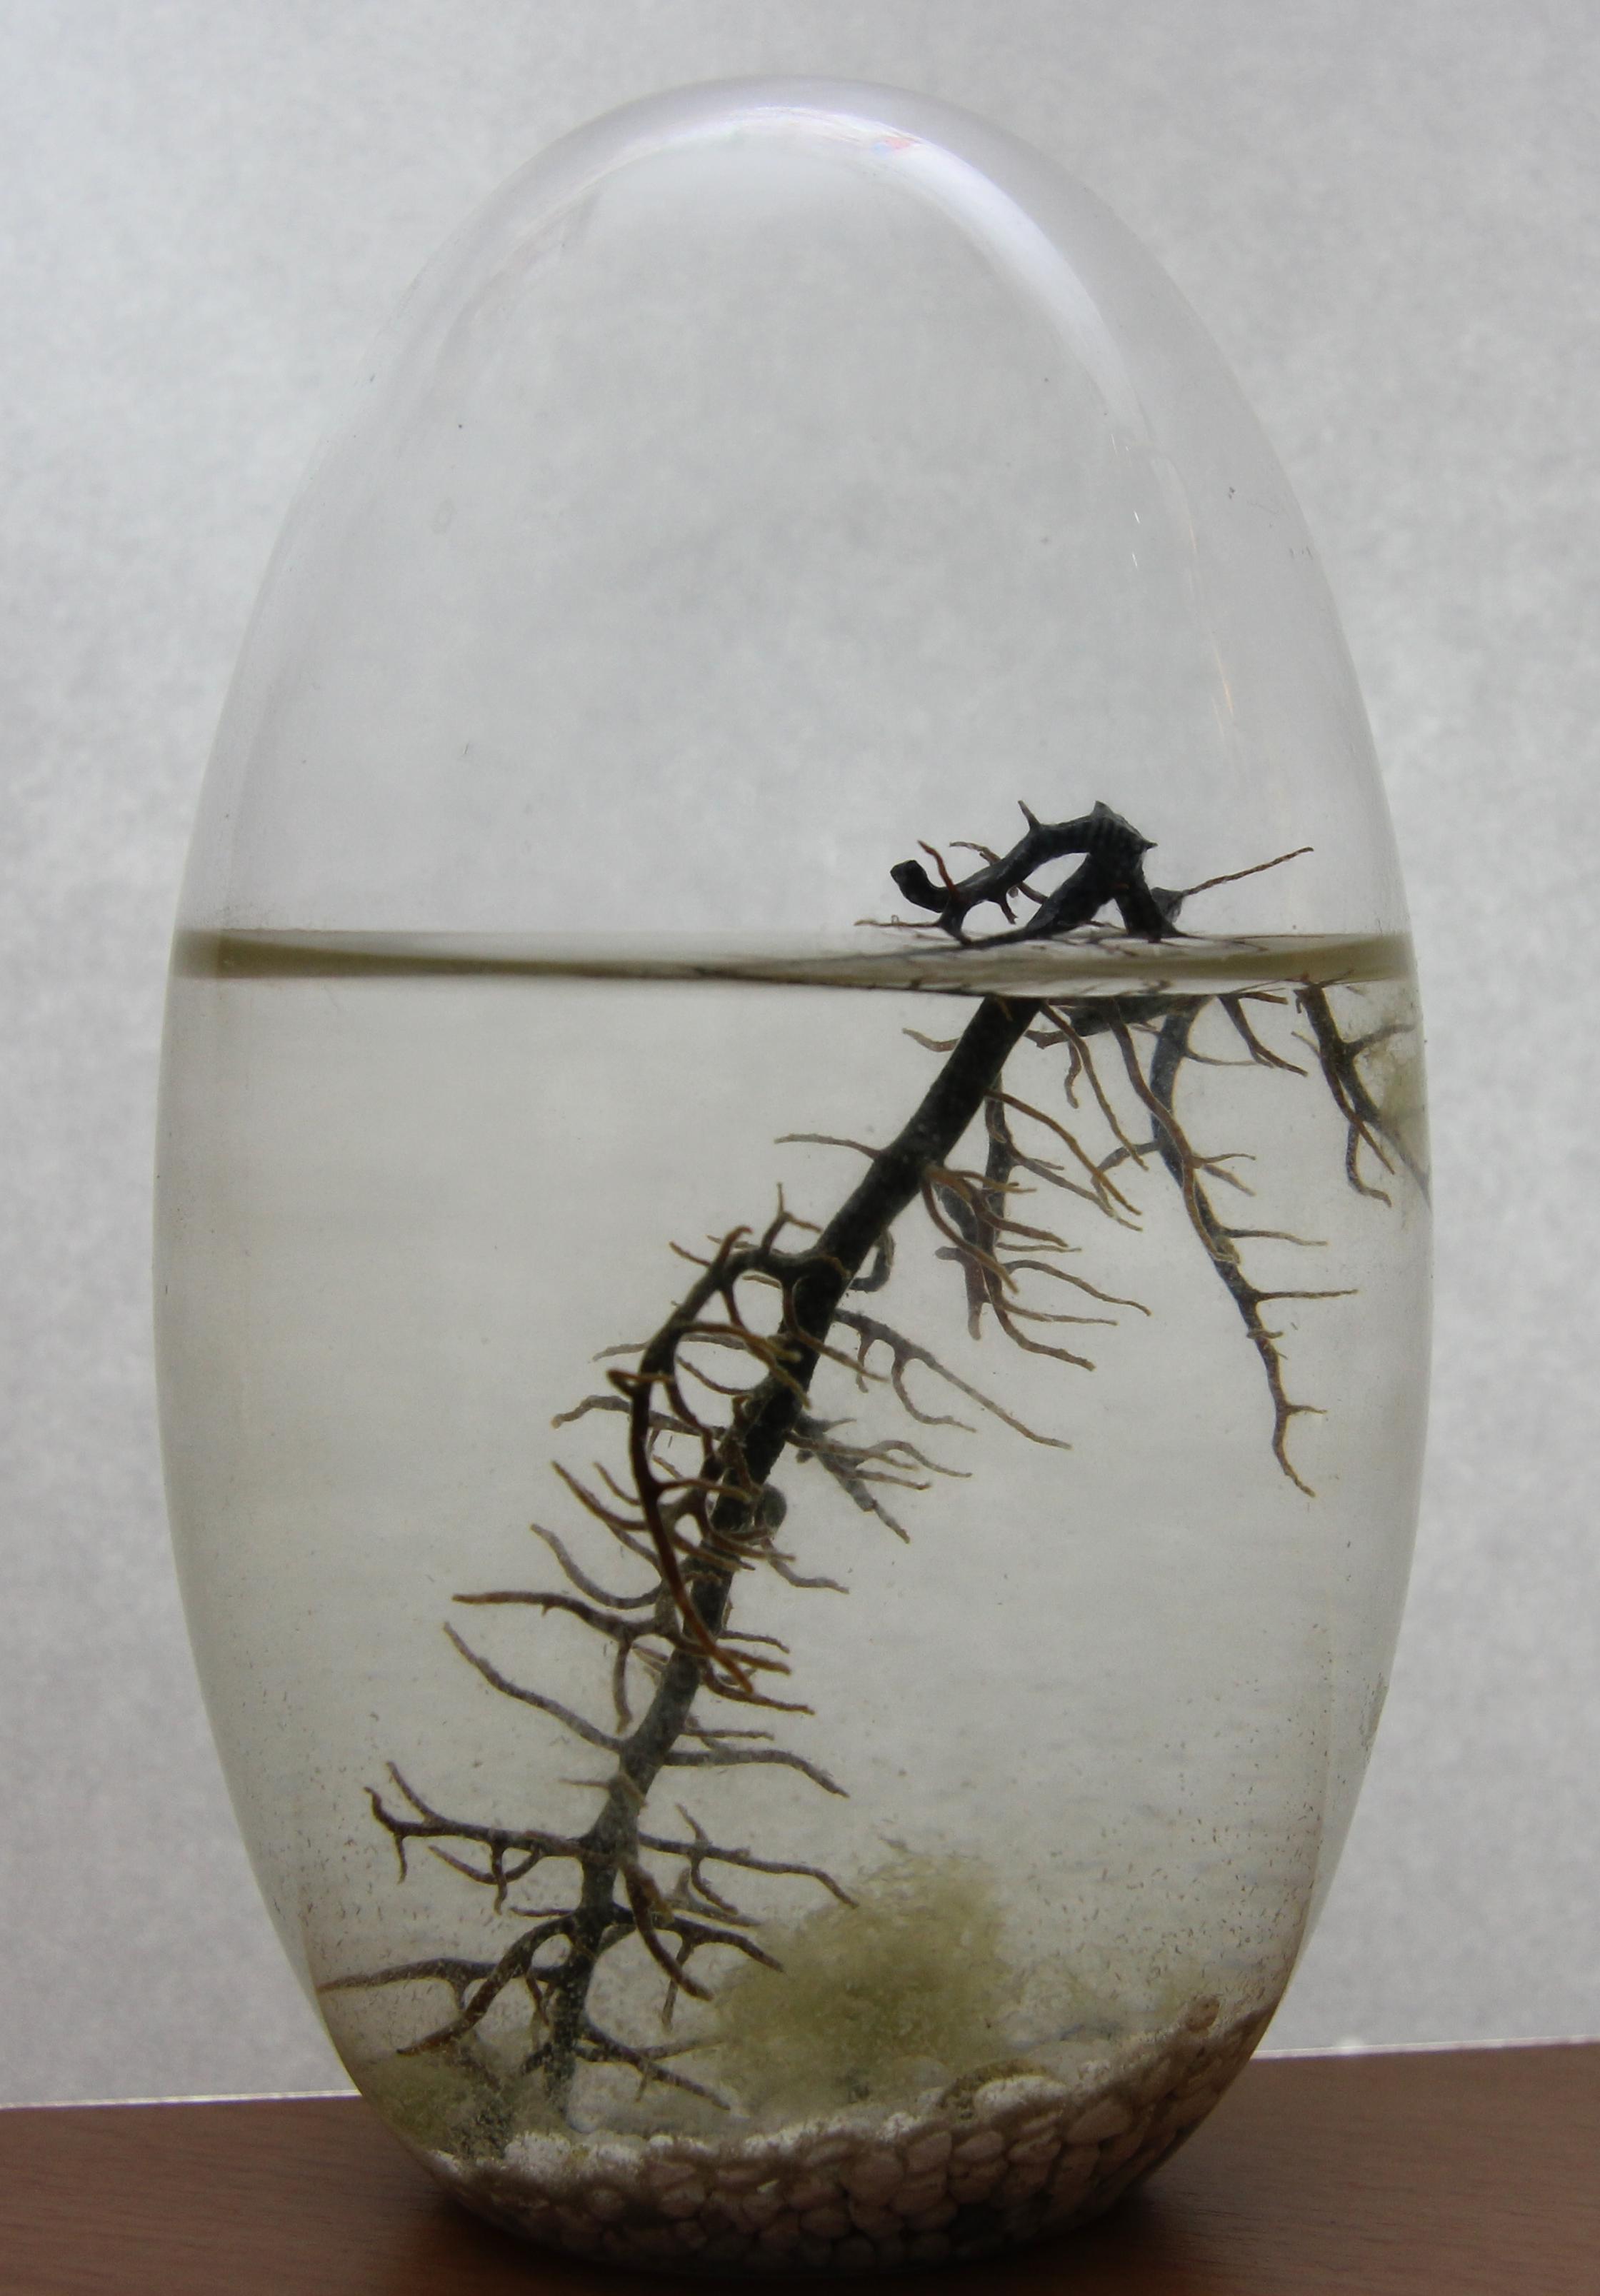 evivo Autarkes Ökosystem Geschlossene Biosphäre mit Garnelen